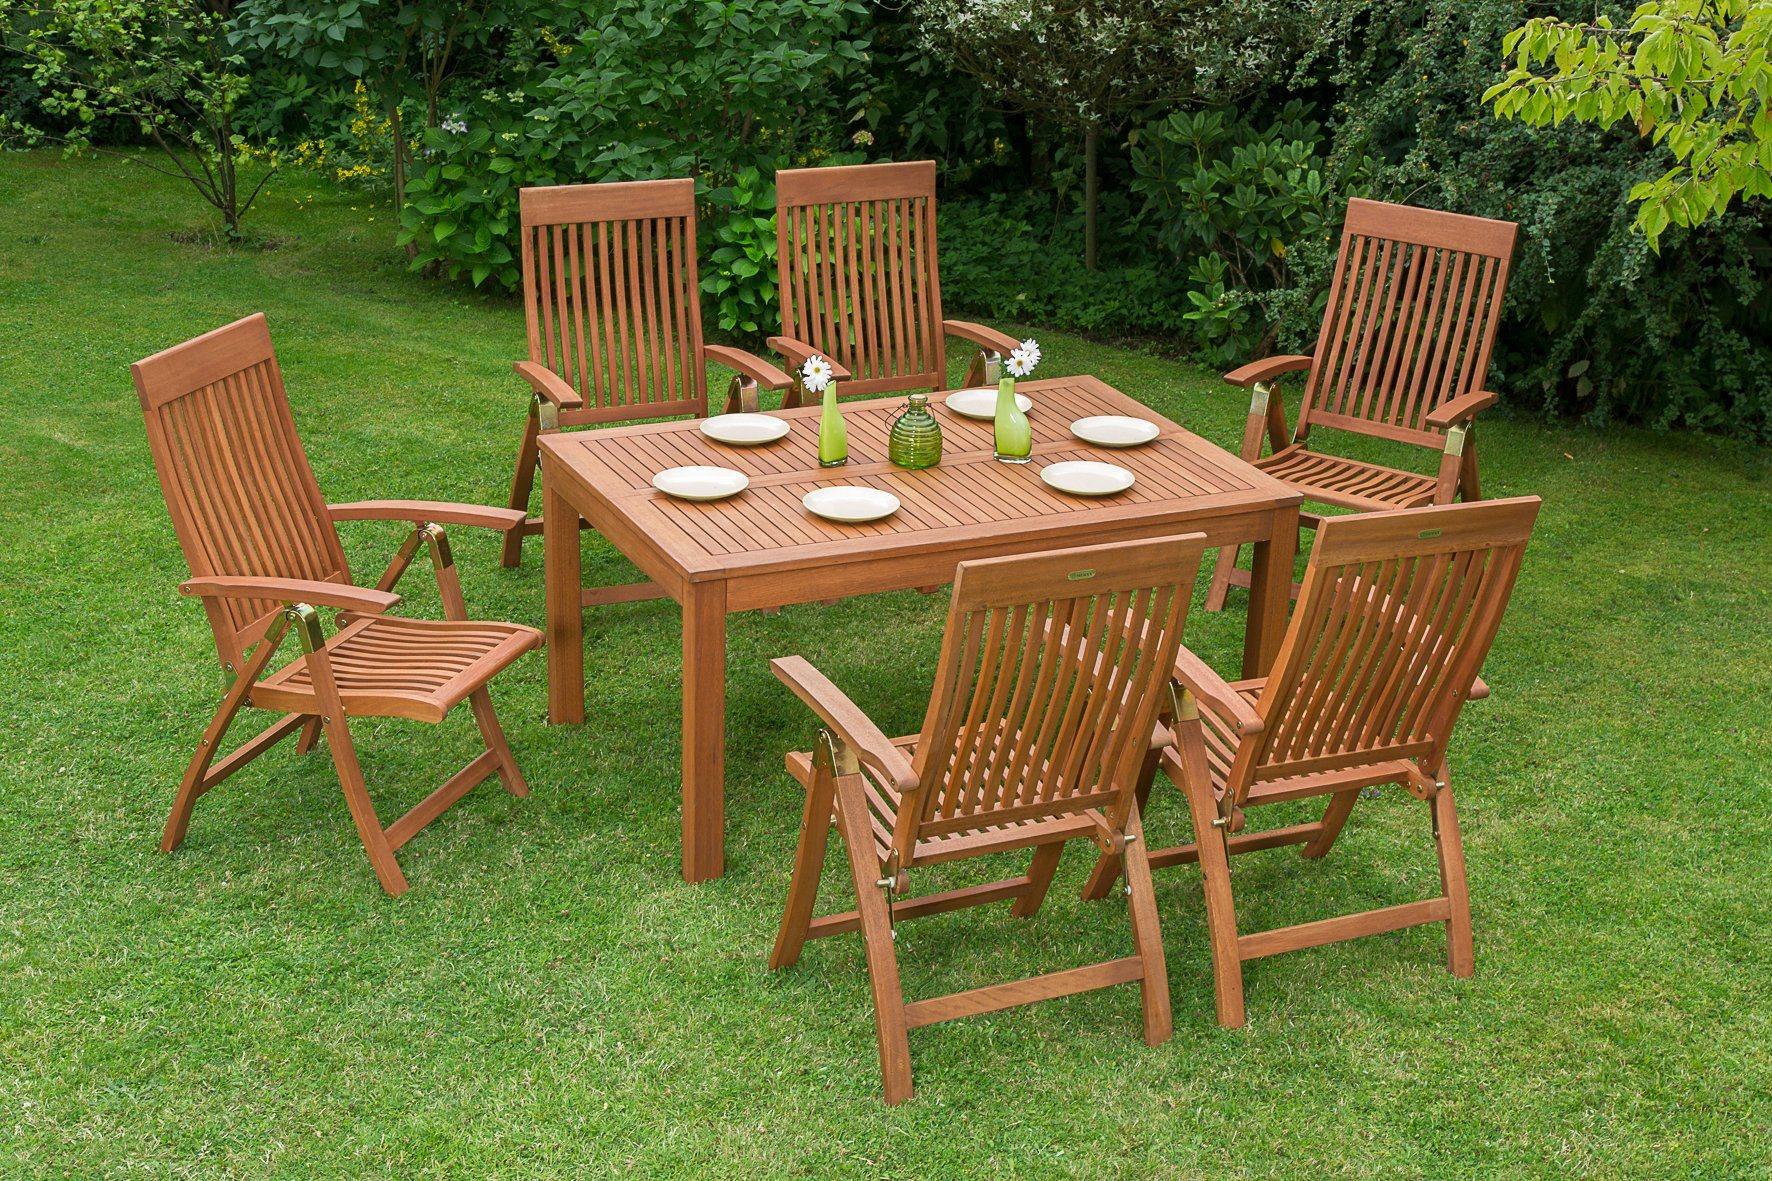 Gartenmöbelset »Commodoro«, 7tlg., 6 Sessel, Tisch, Klappbar, Ausziehbar